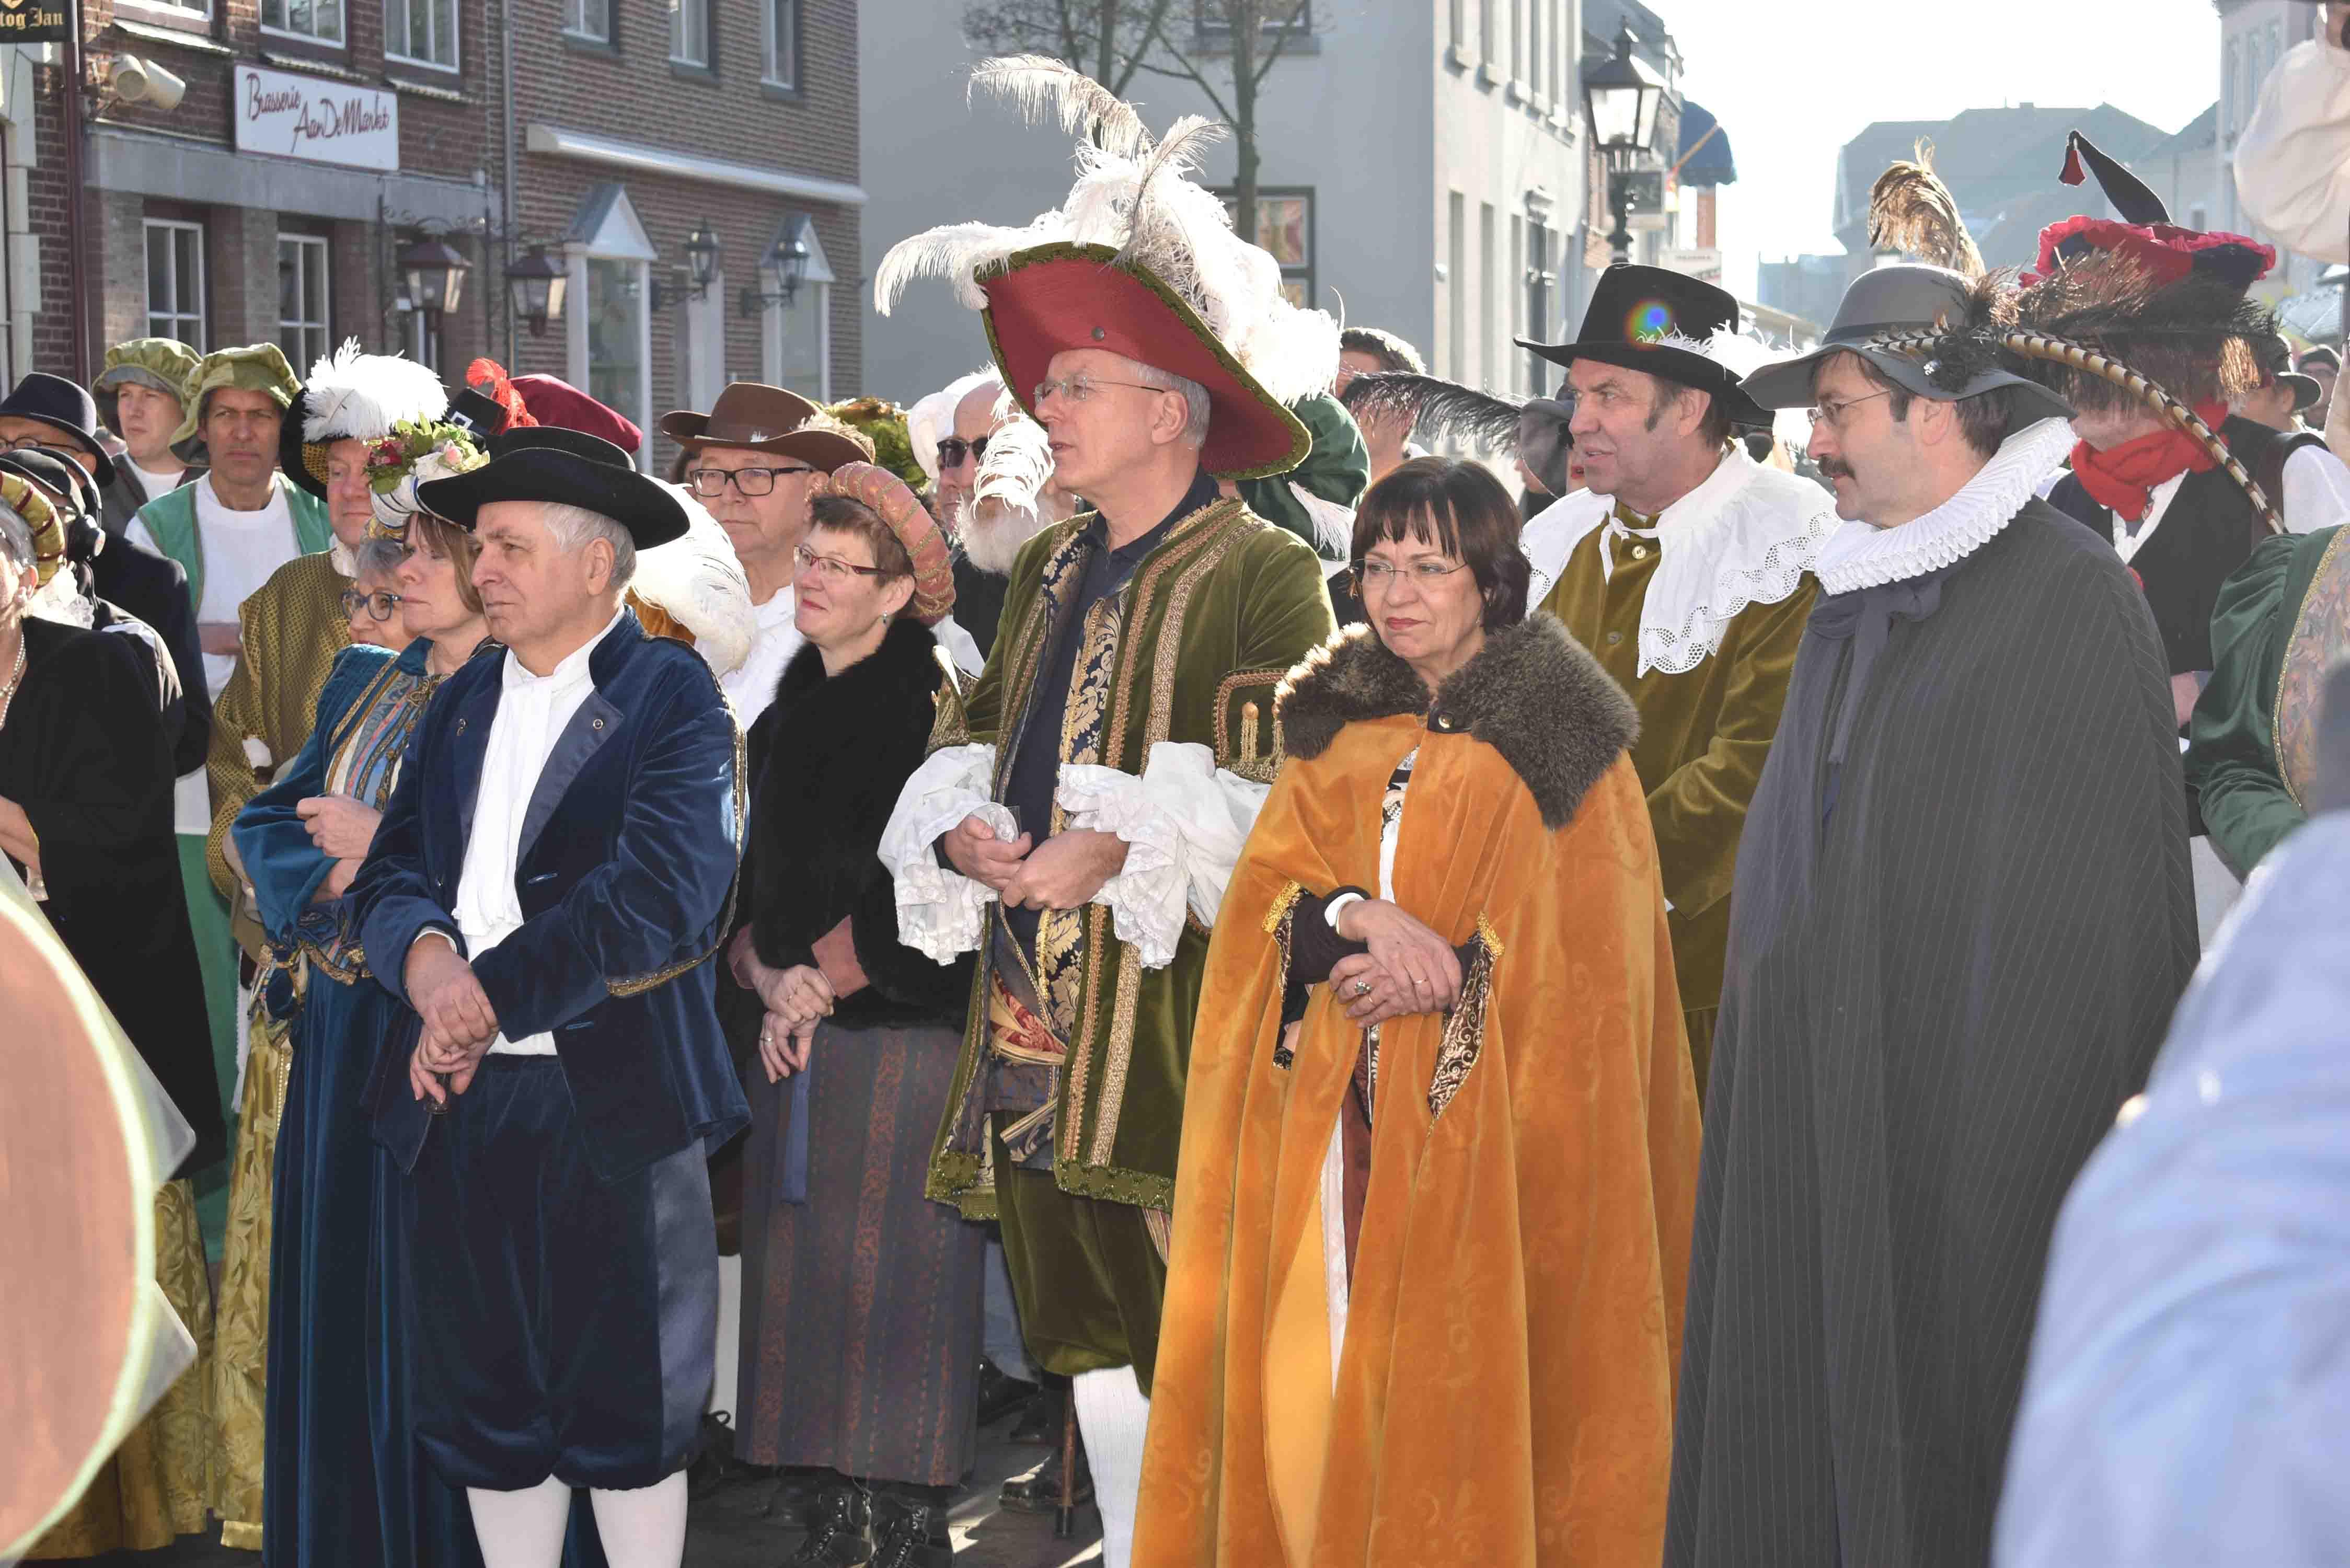 Opening jubileumjaar; feest in 17e eeuwse sfeer